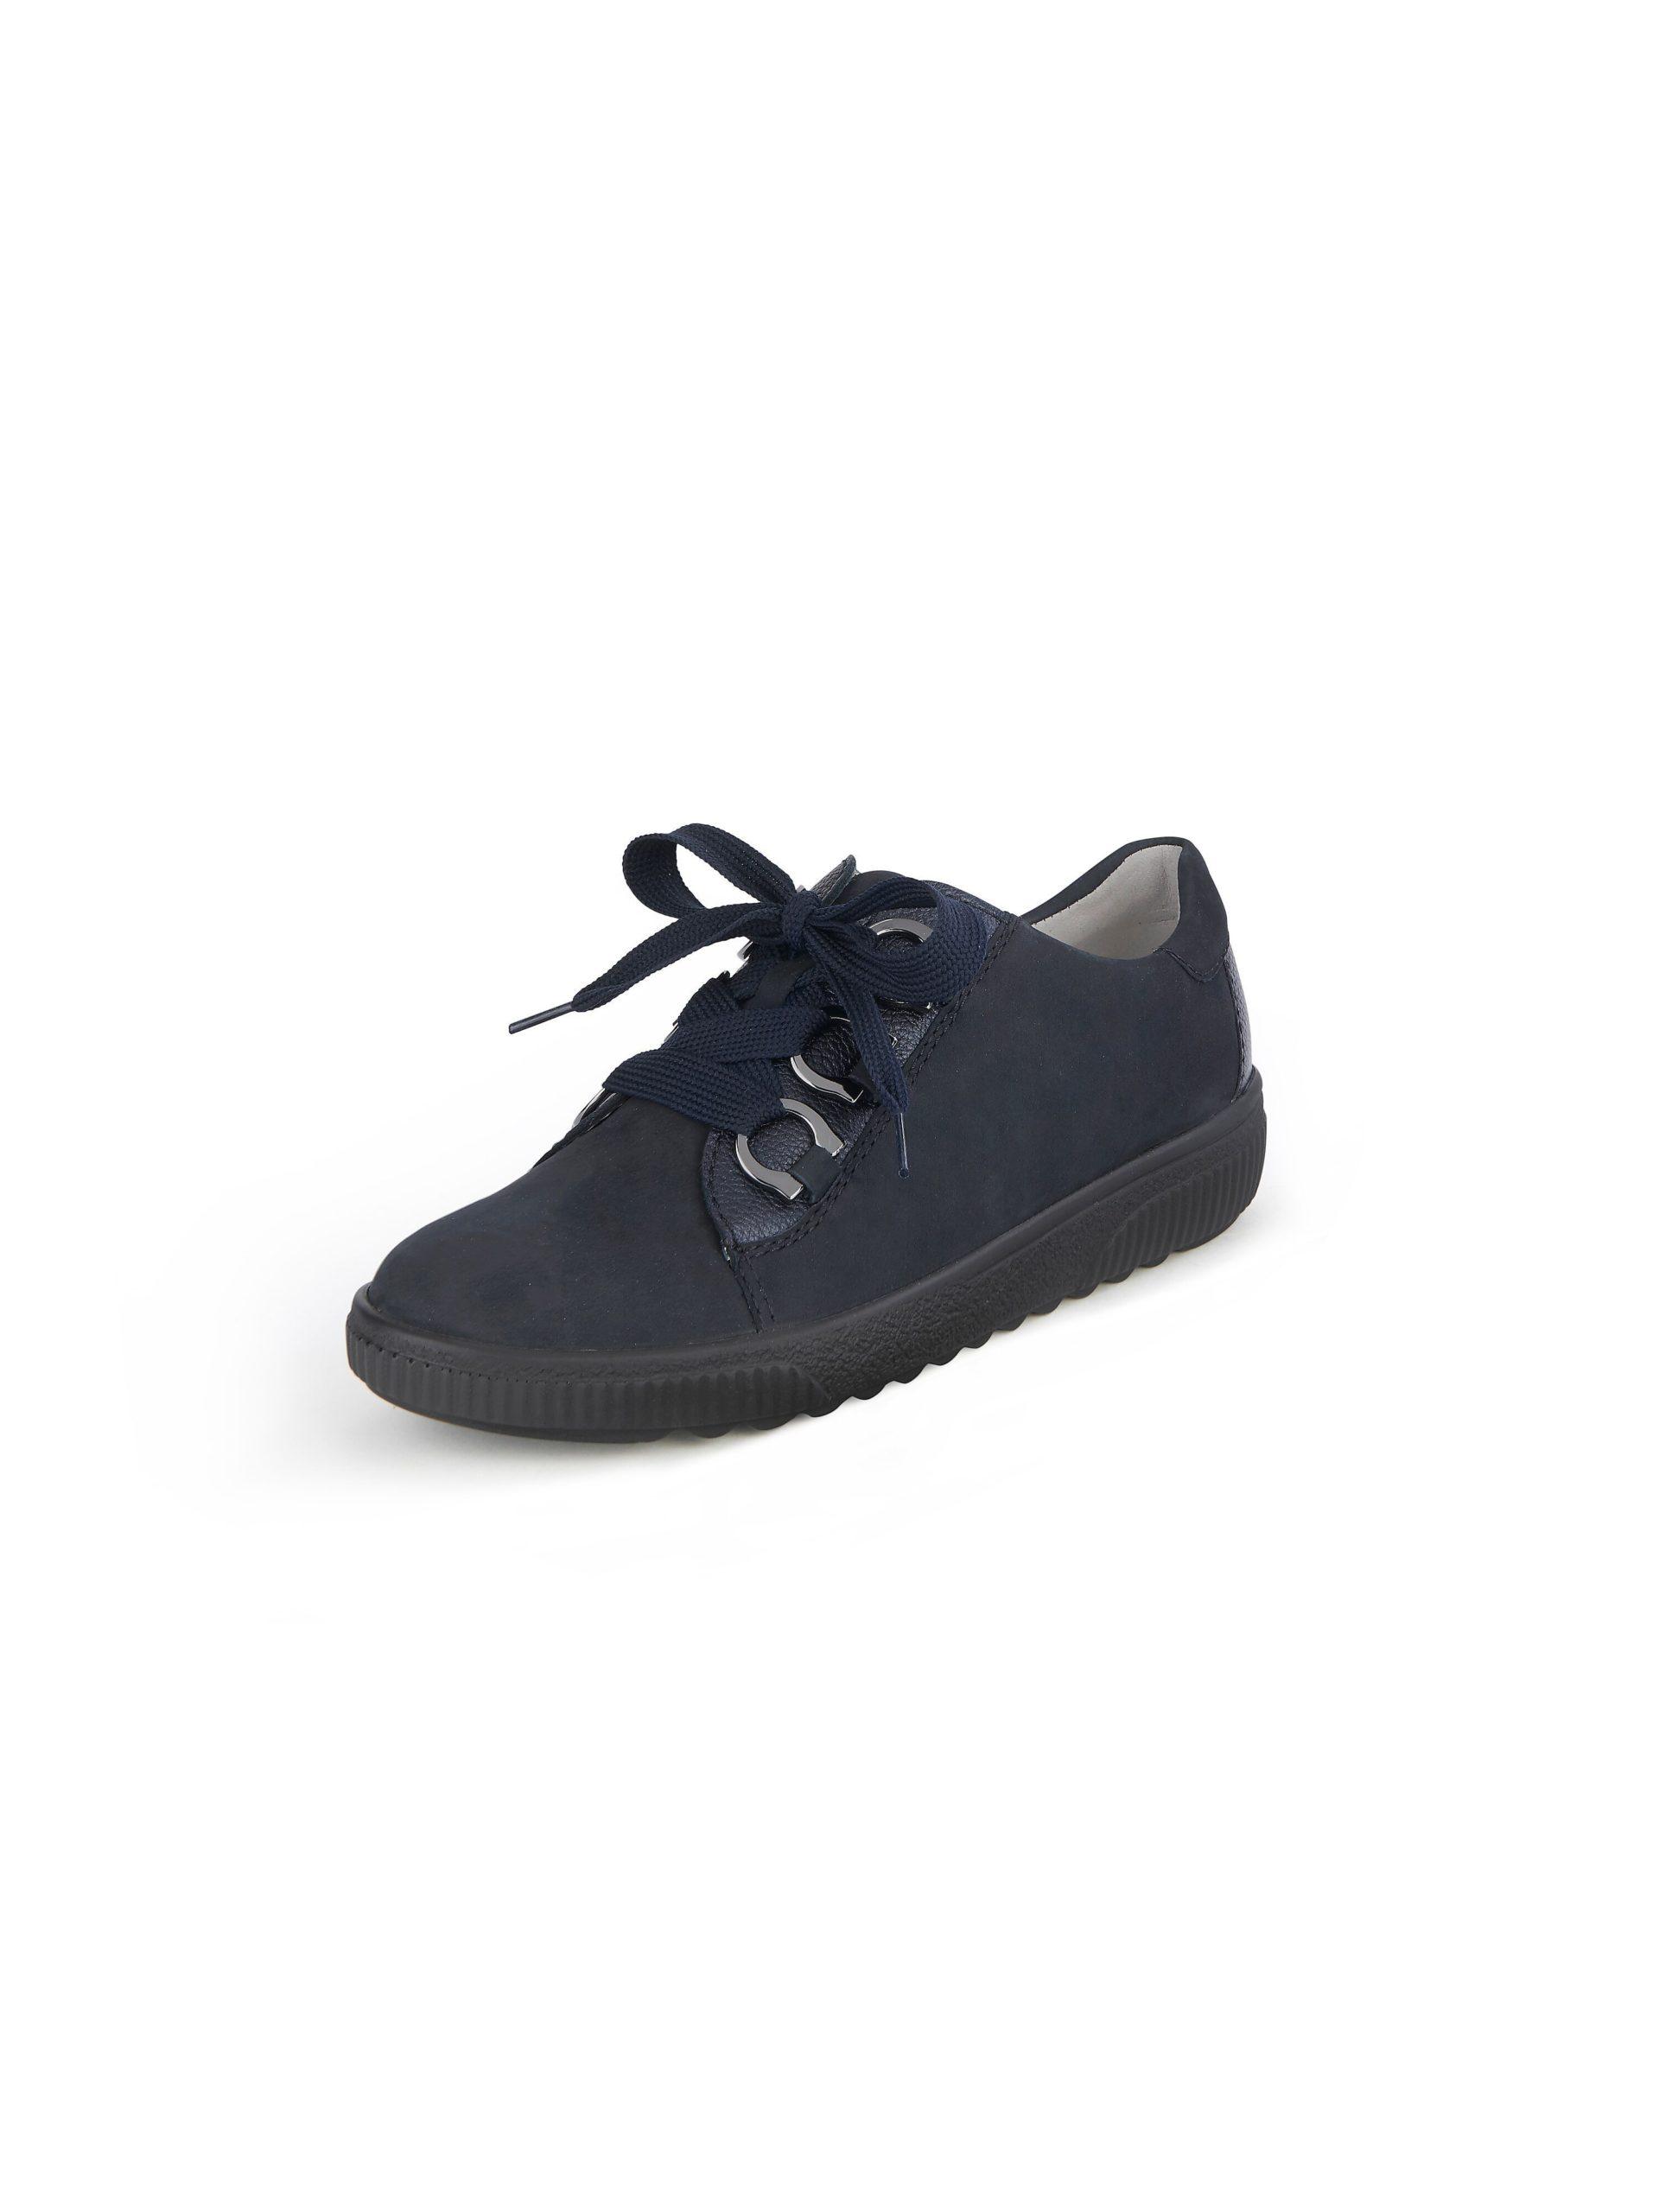 Sneakers model H-Steffi Van Waldläufer blauw Kopen